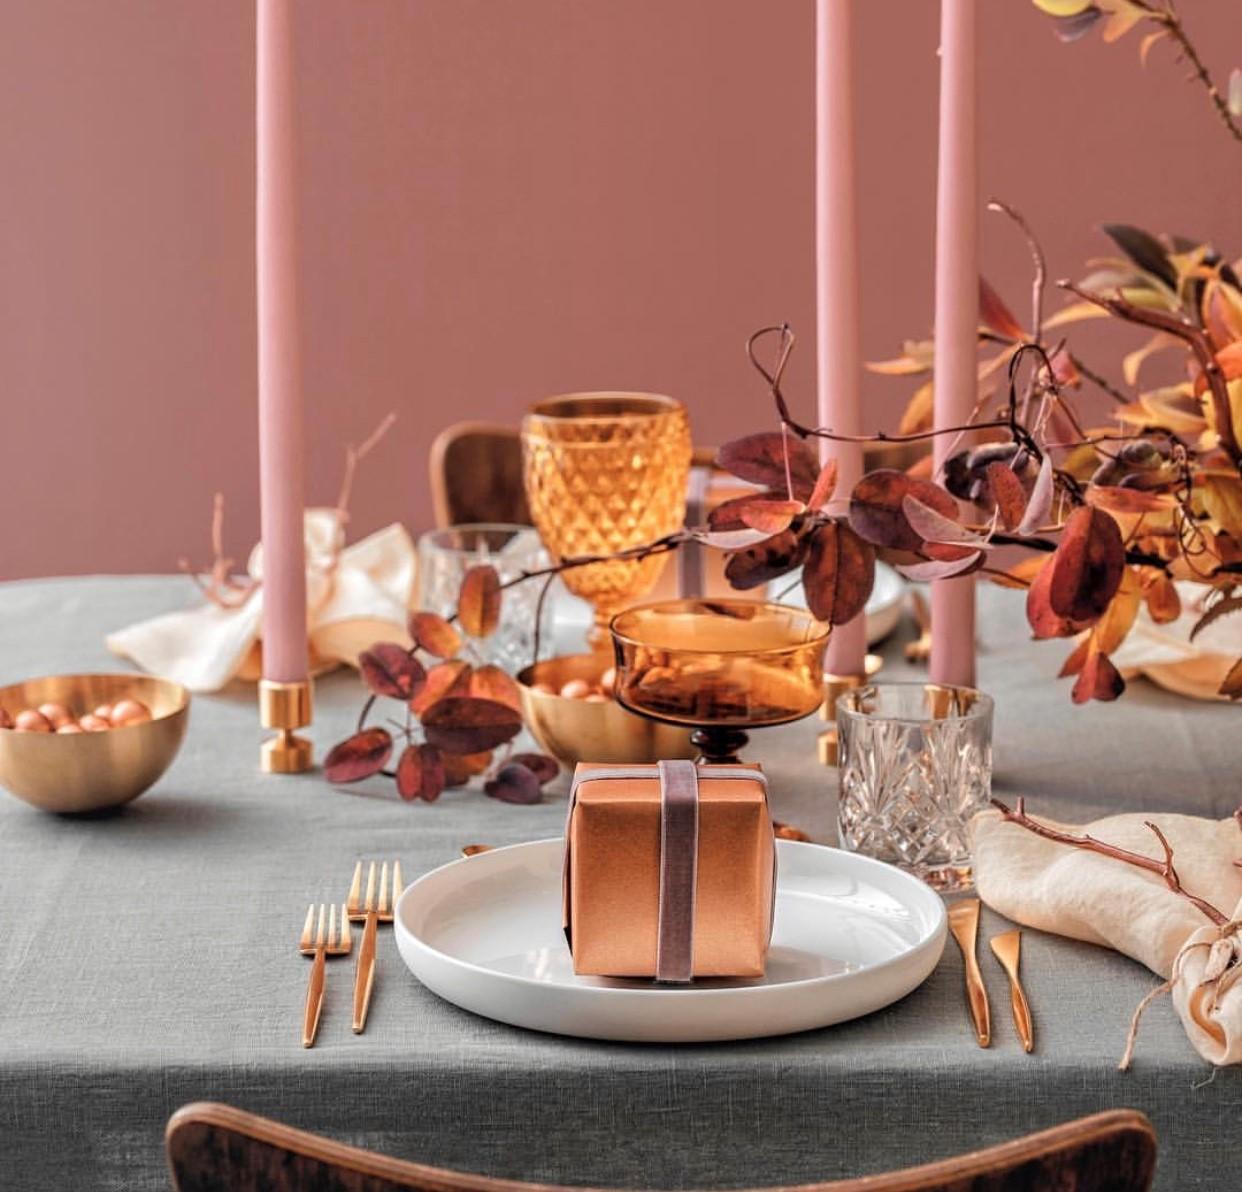 decoracion mesa navidadad111